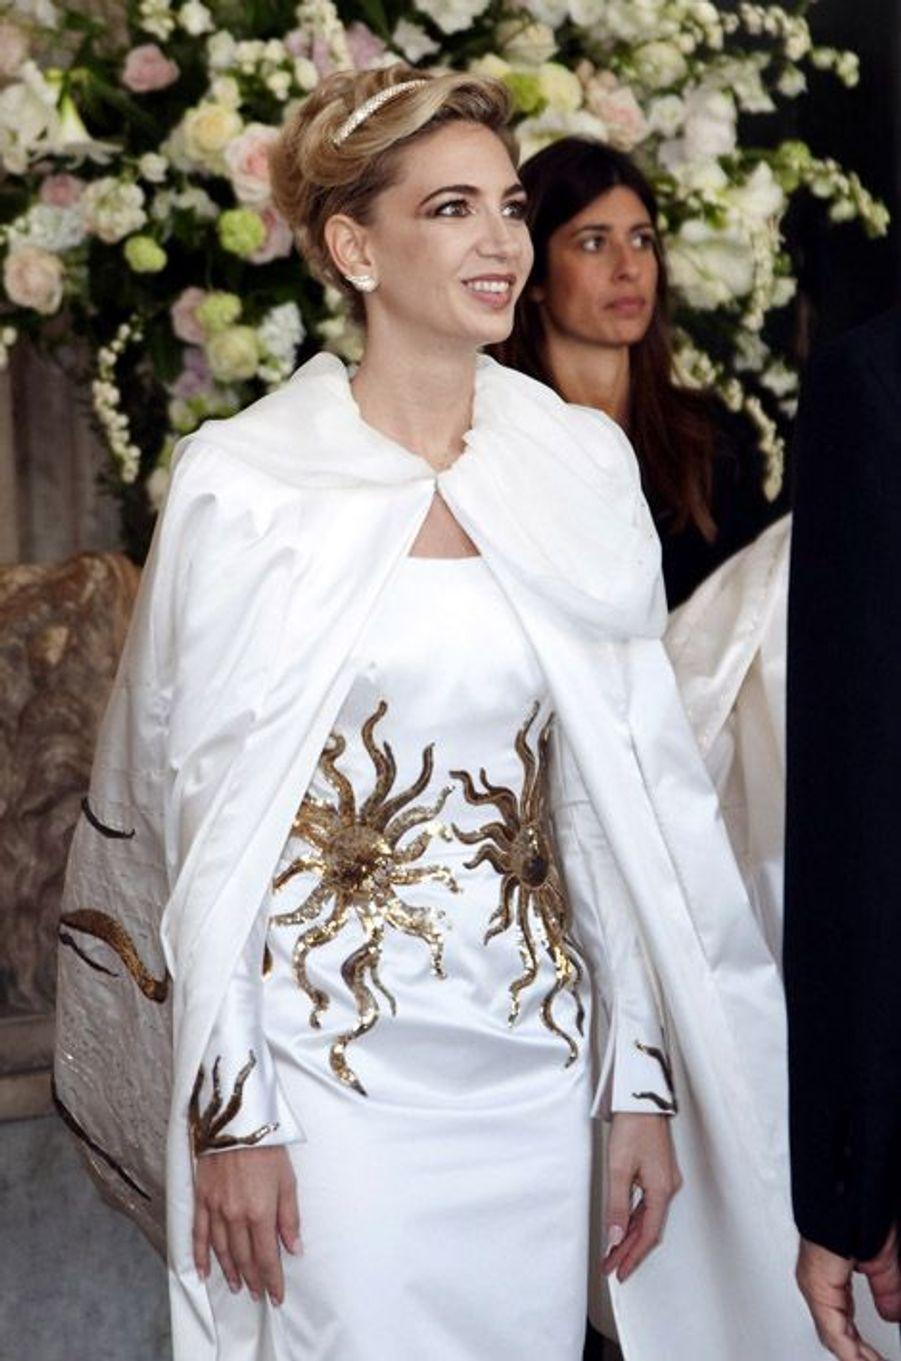 Le mariage de Joseph Getty et Sabine Ghanem à Rome